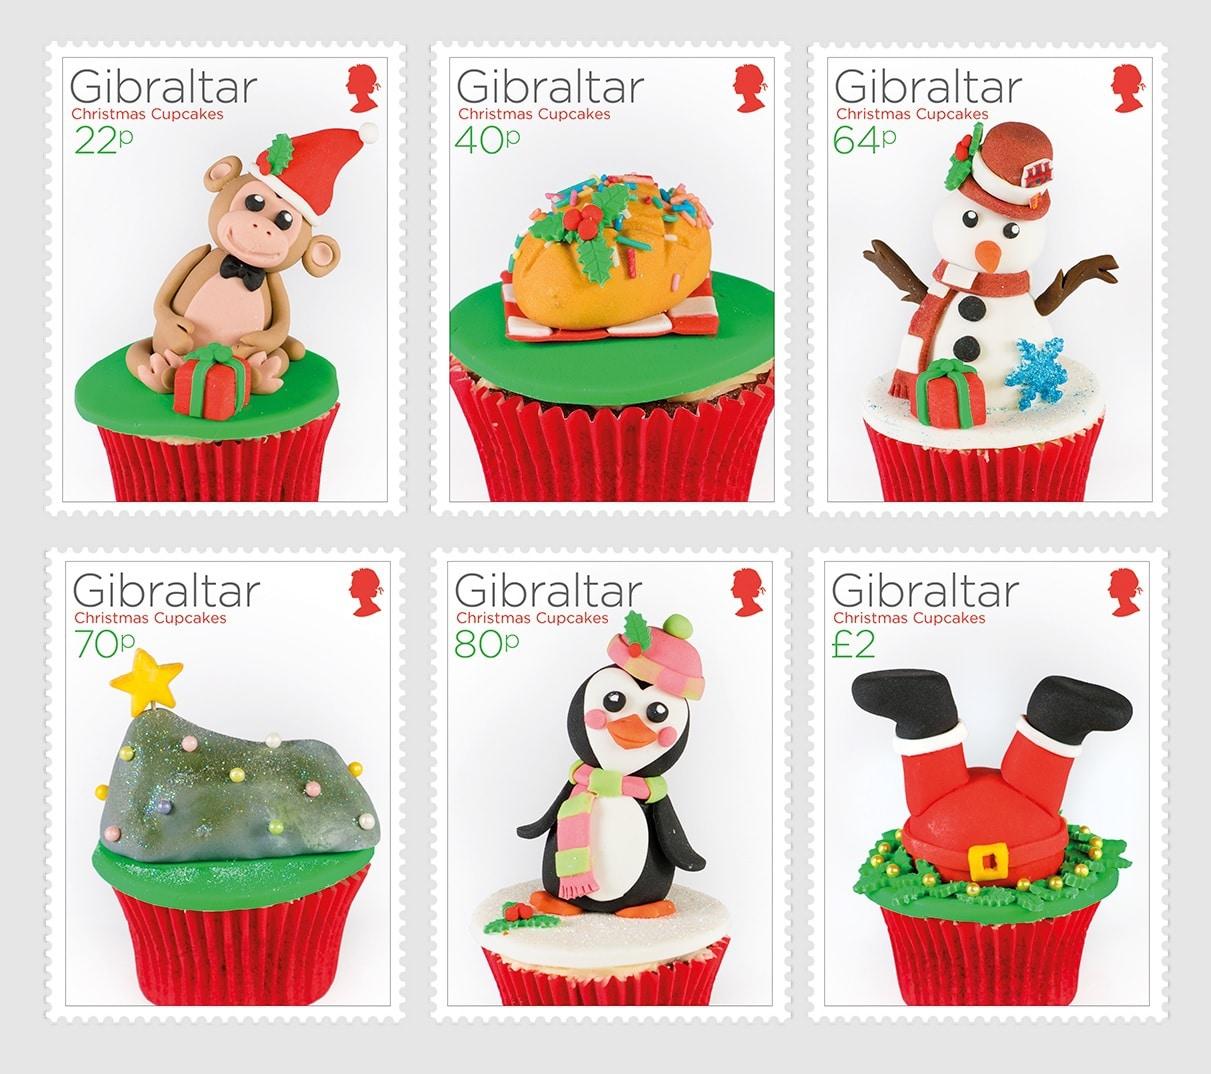 2017-Christmas-Cupcakes